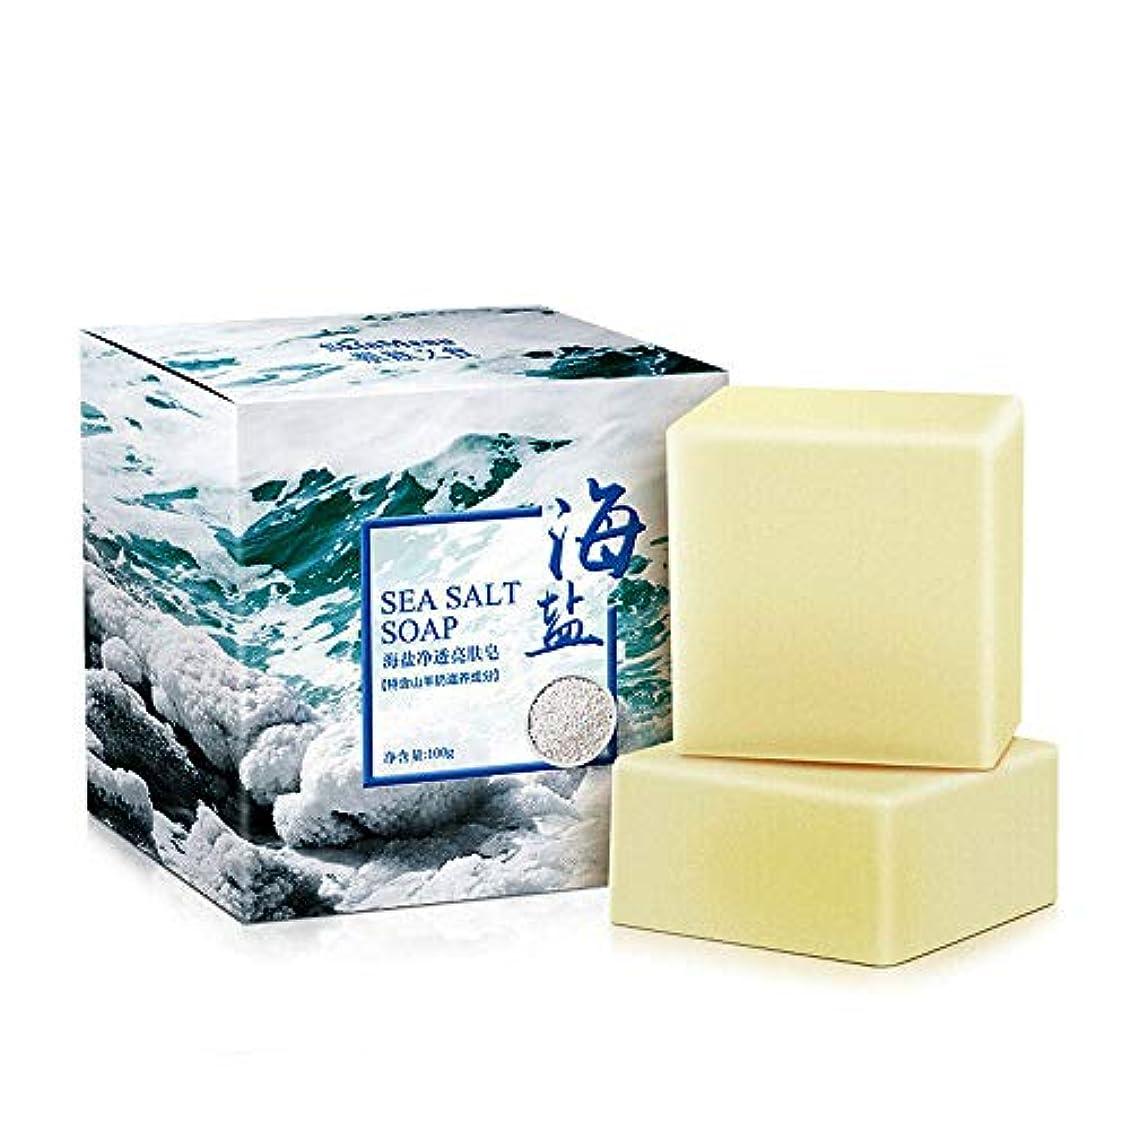 仕事に行く等しい補充せっけん 石鹸 海塩 山羊乳 洗顔 ボディ用 浴用せっけん しっとり肌 植物性 無添加 白い 100g×1個入 (#2)